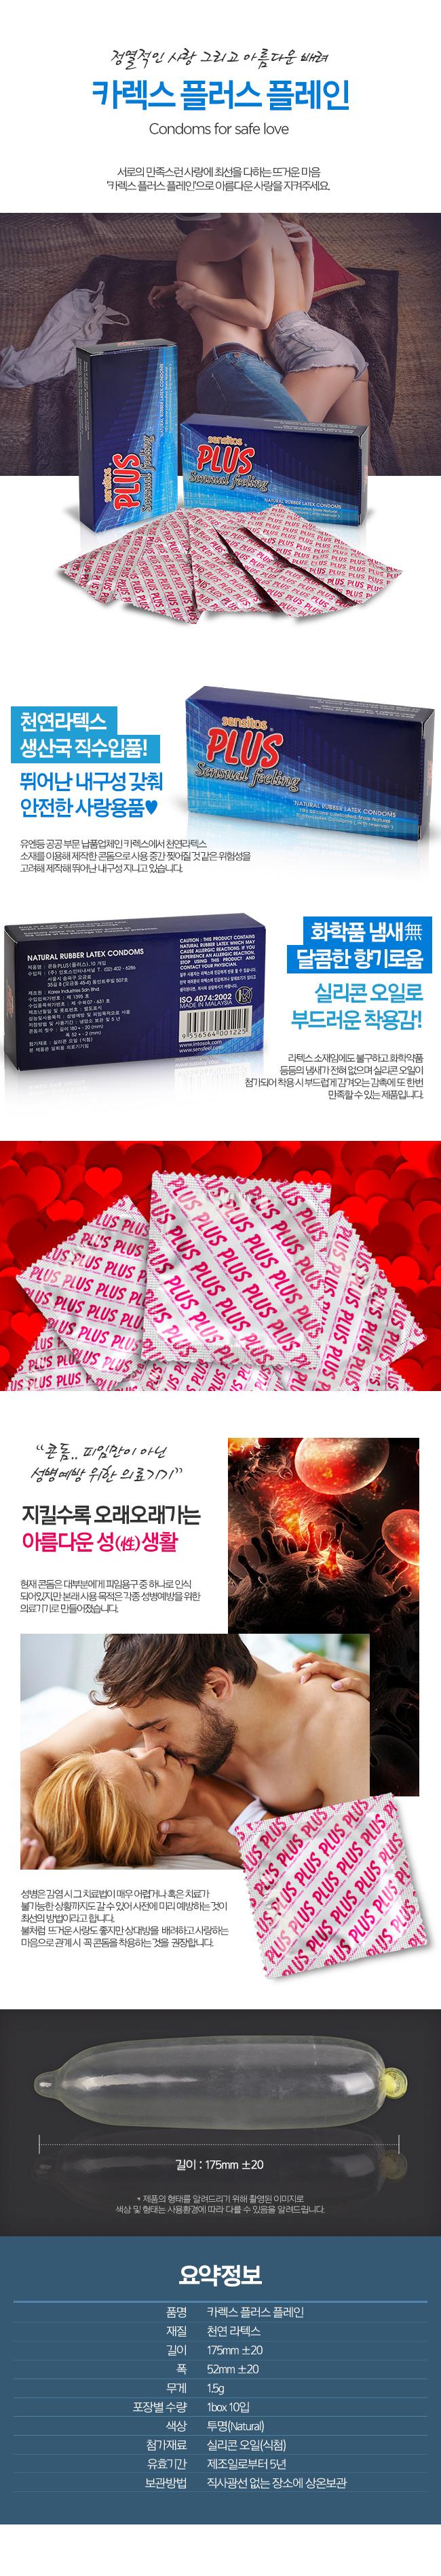 [천연 라텍스]카렉스 플러스 플레인 1box 10p